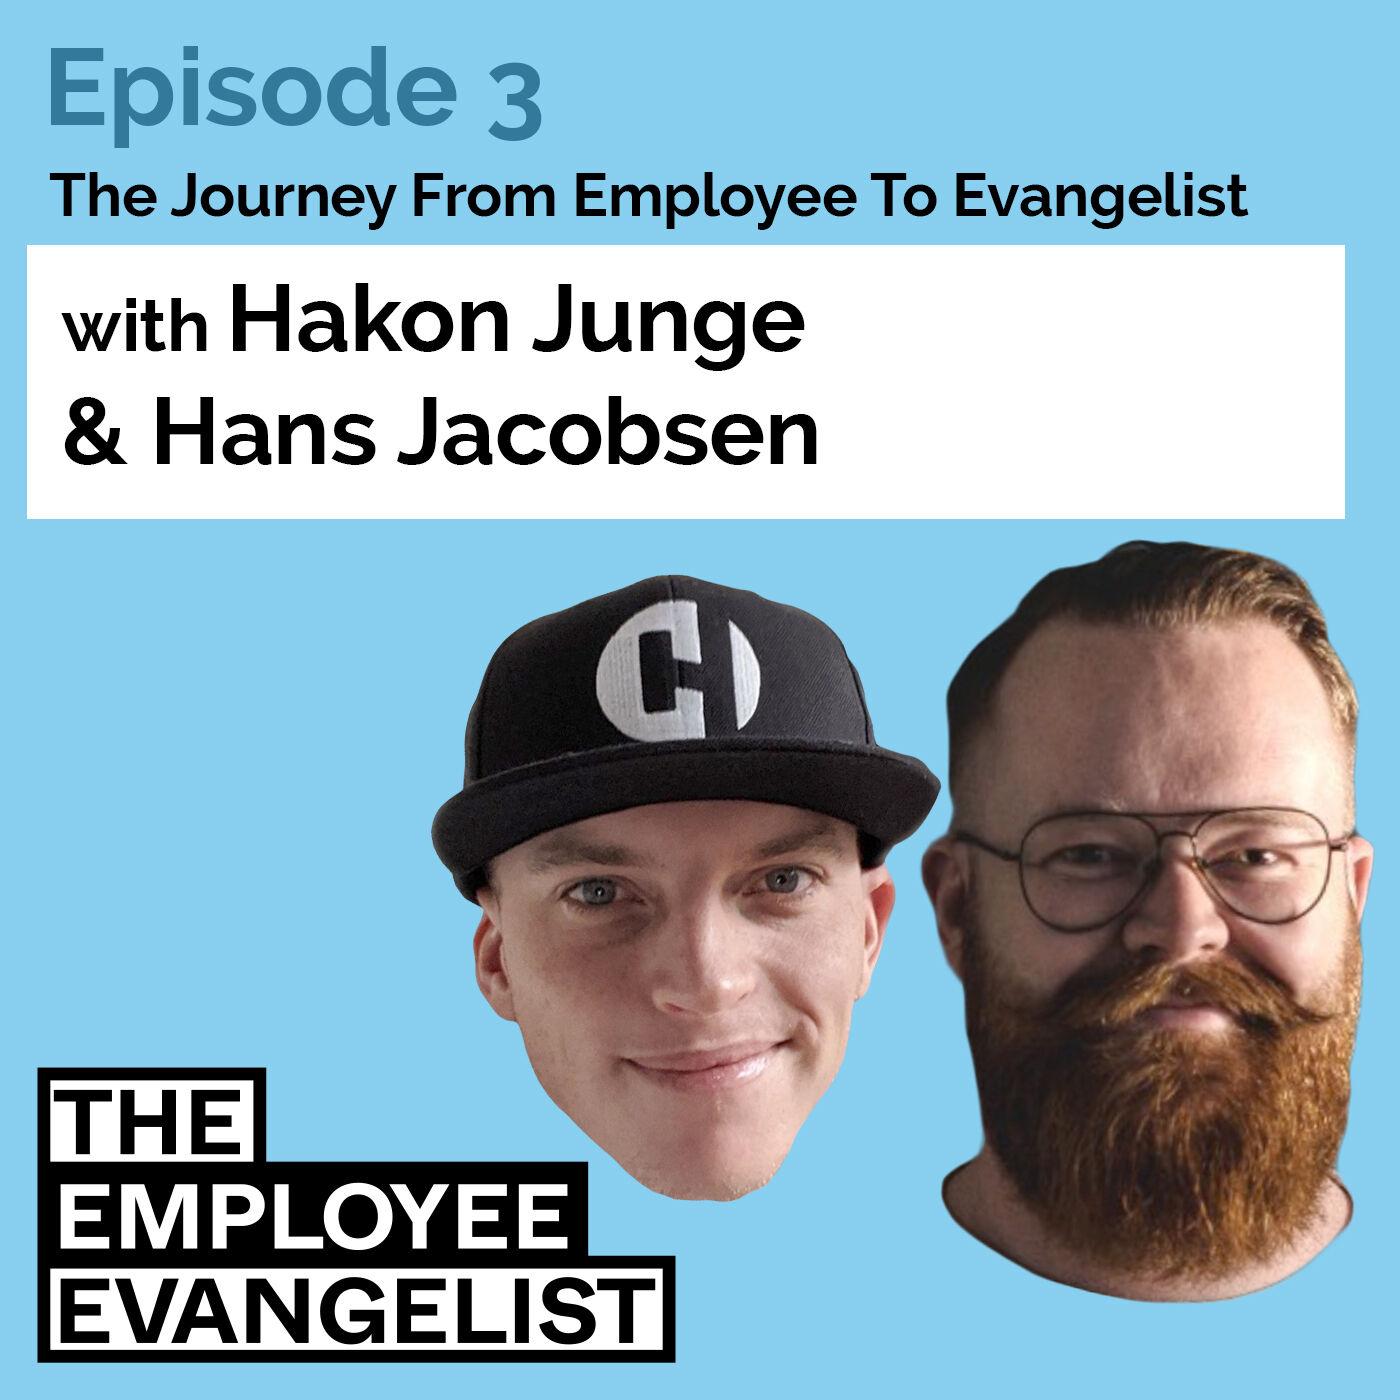 Episode 3: The Employee Evangelist with Hans Jacobsen